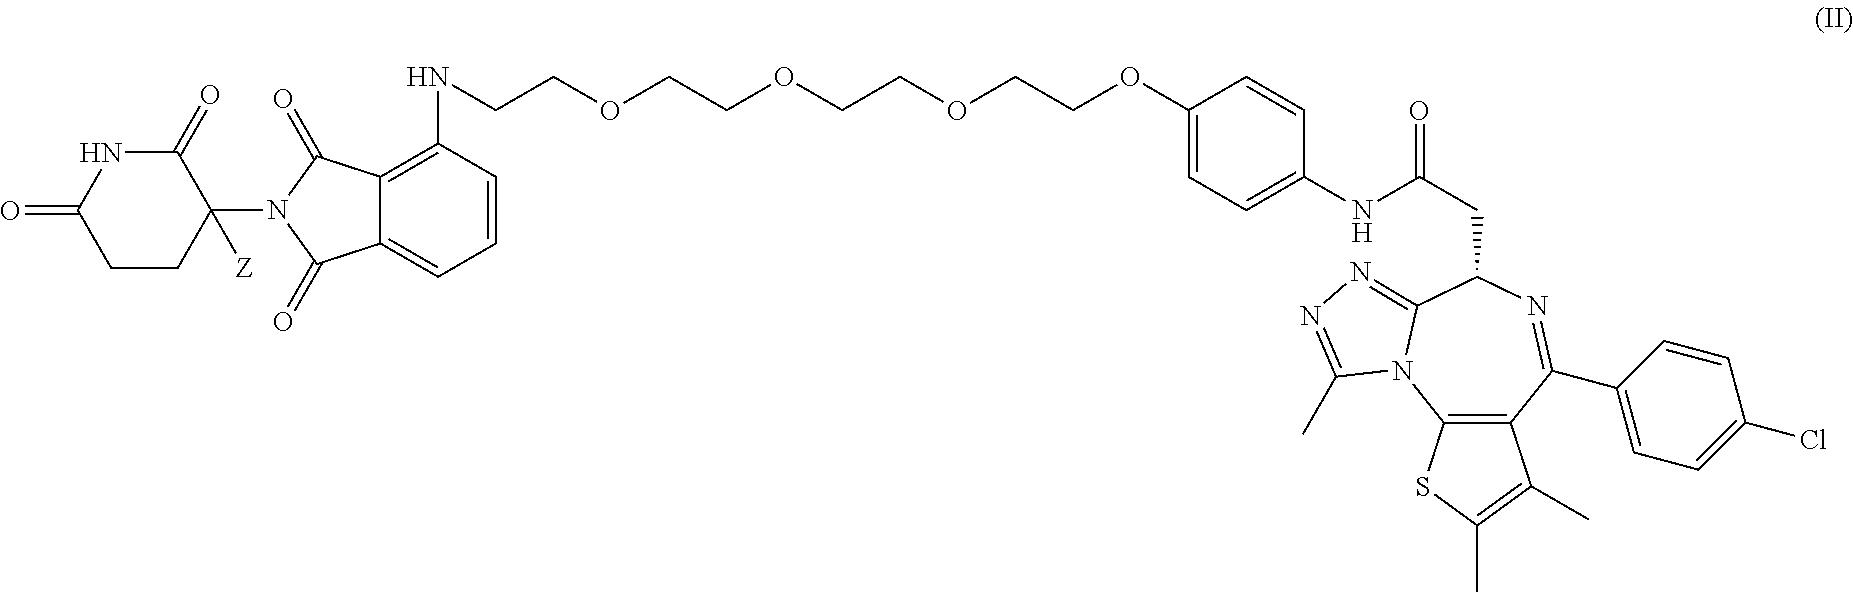 Figure US09809603-20171107-C00022